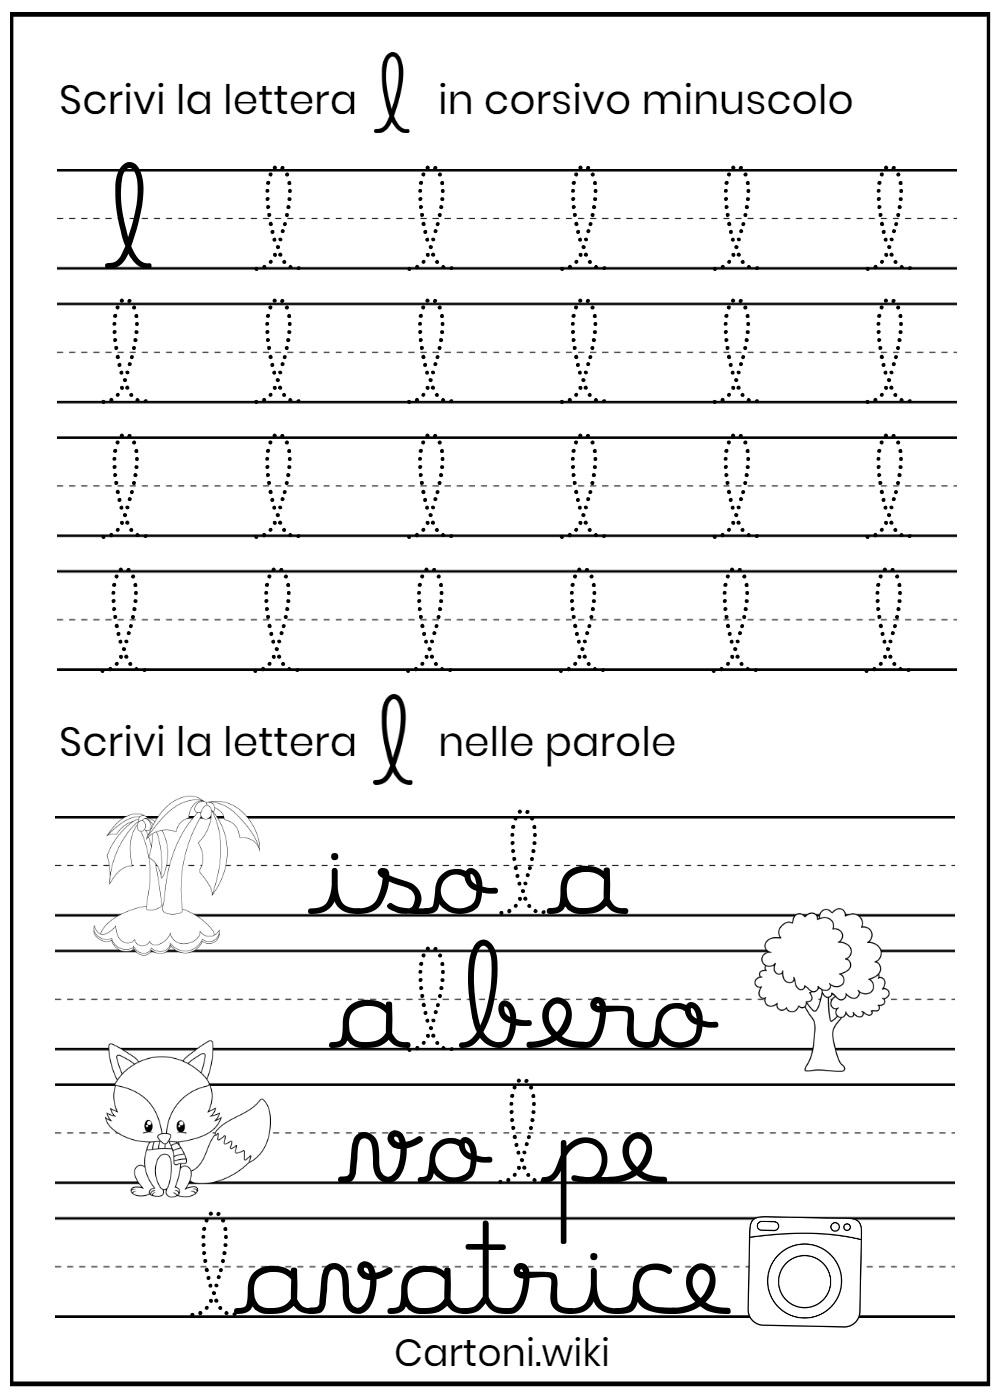 Lettera l corsivo minuscolo - Cartoni animati